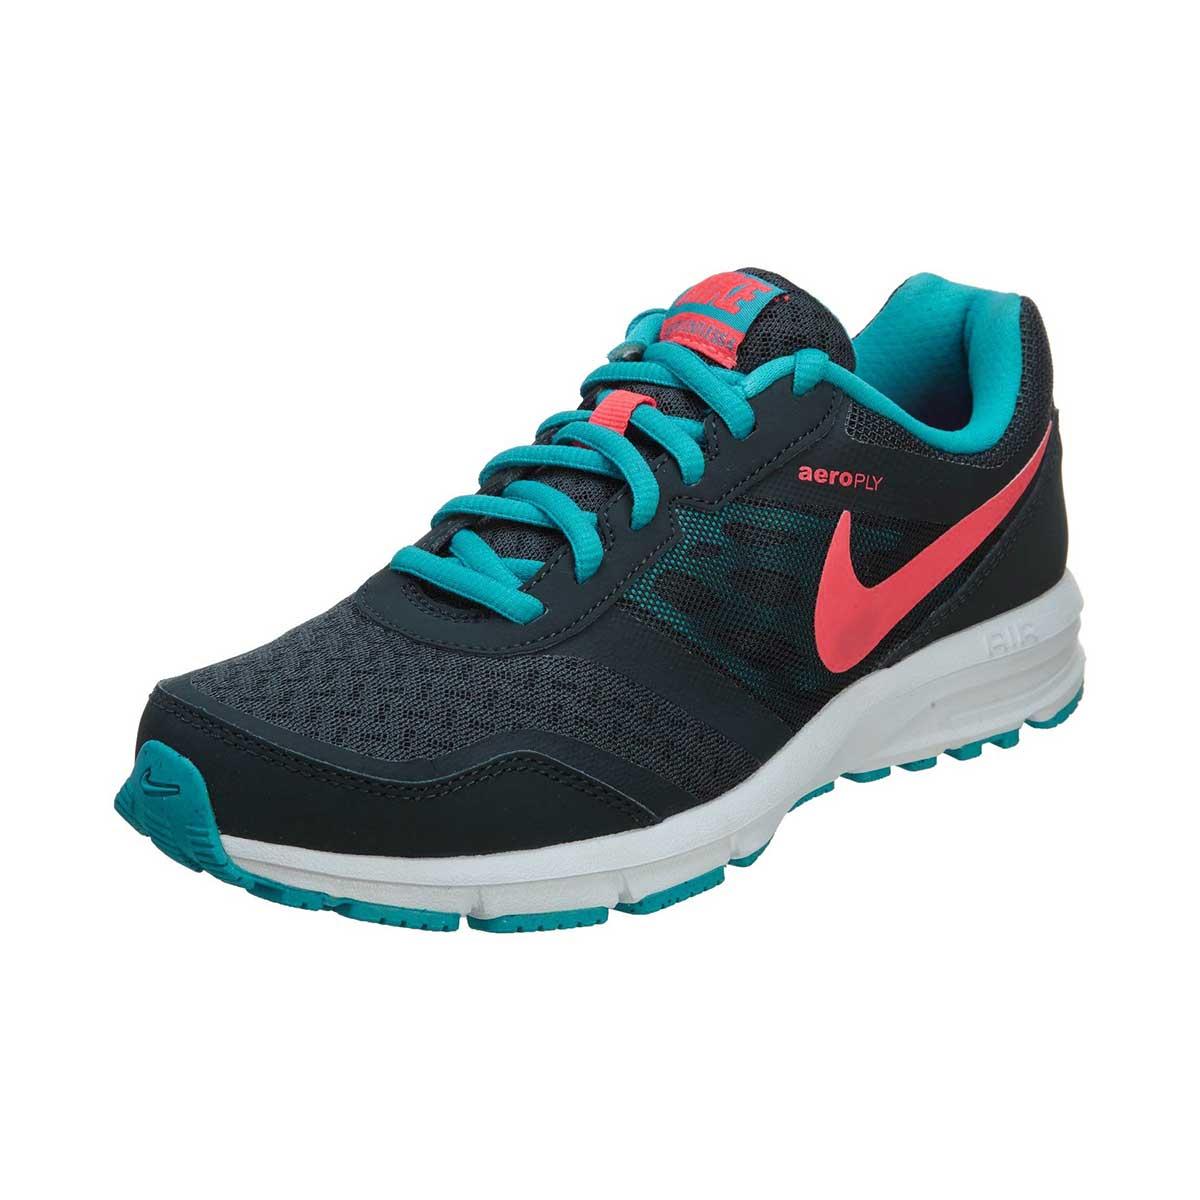 wyprzedaż ze zniżką sklep internetowy Nowe zdjęcia Nike Air Relentless 4 Womens Running Shoes (Grey/Blue/Pink)